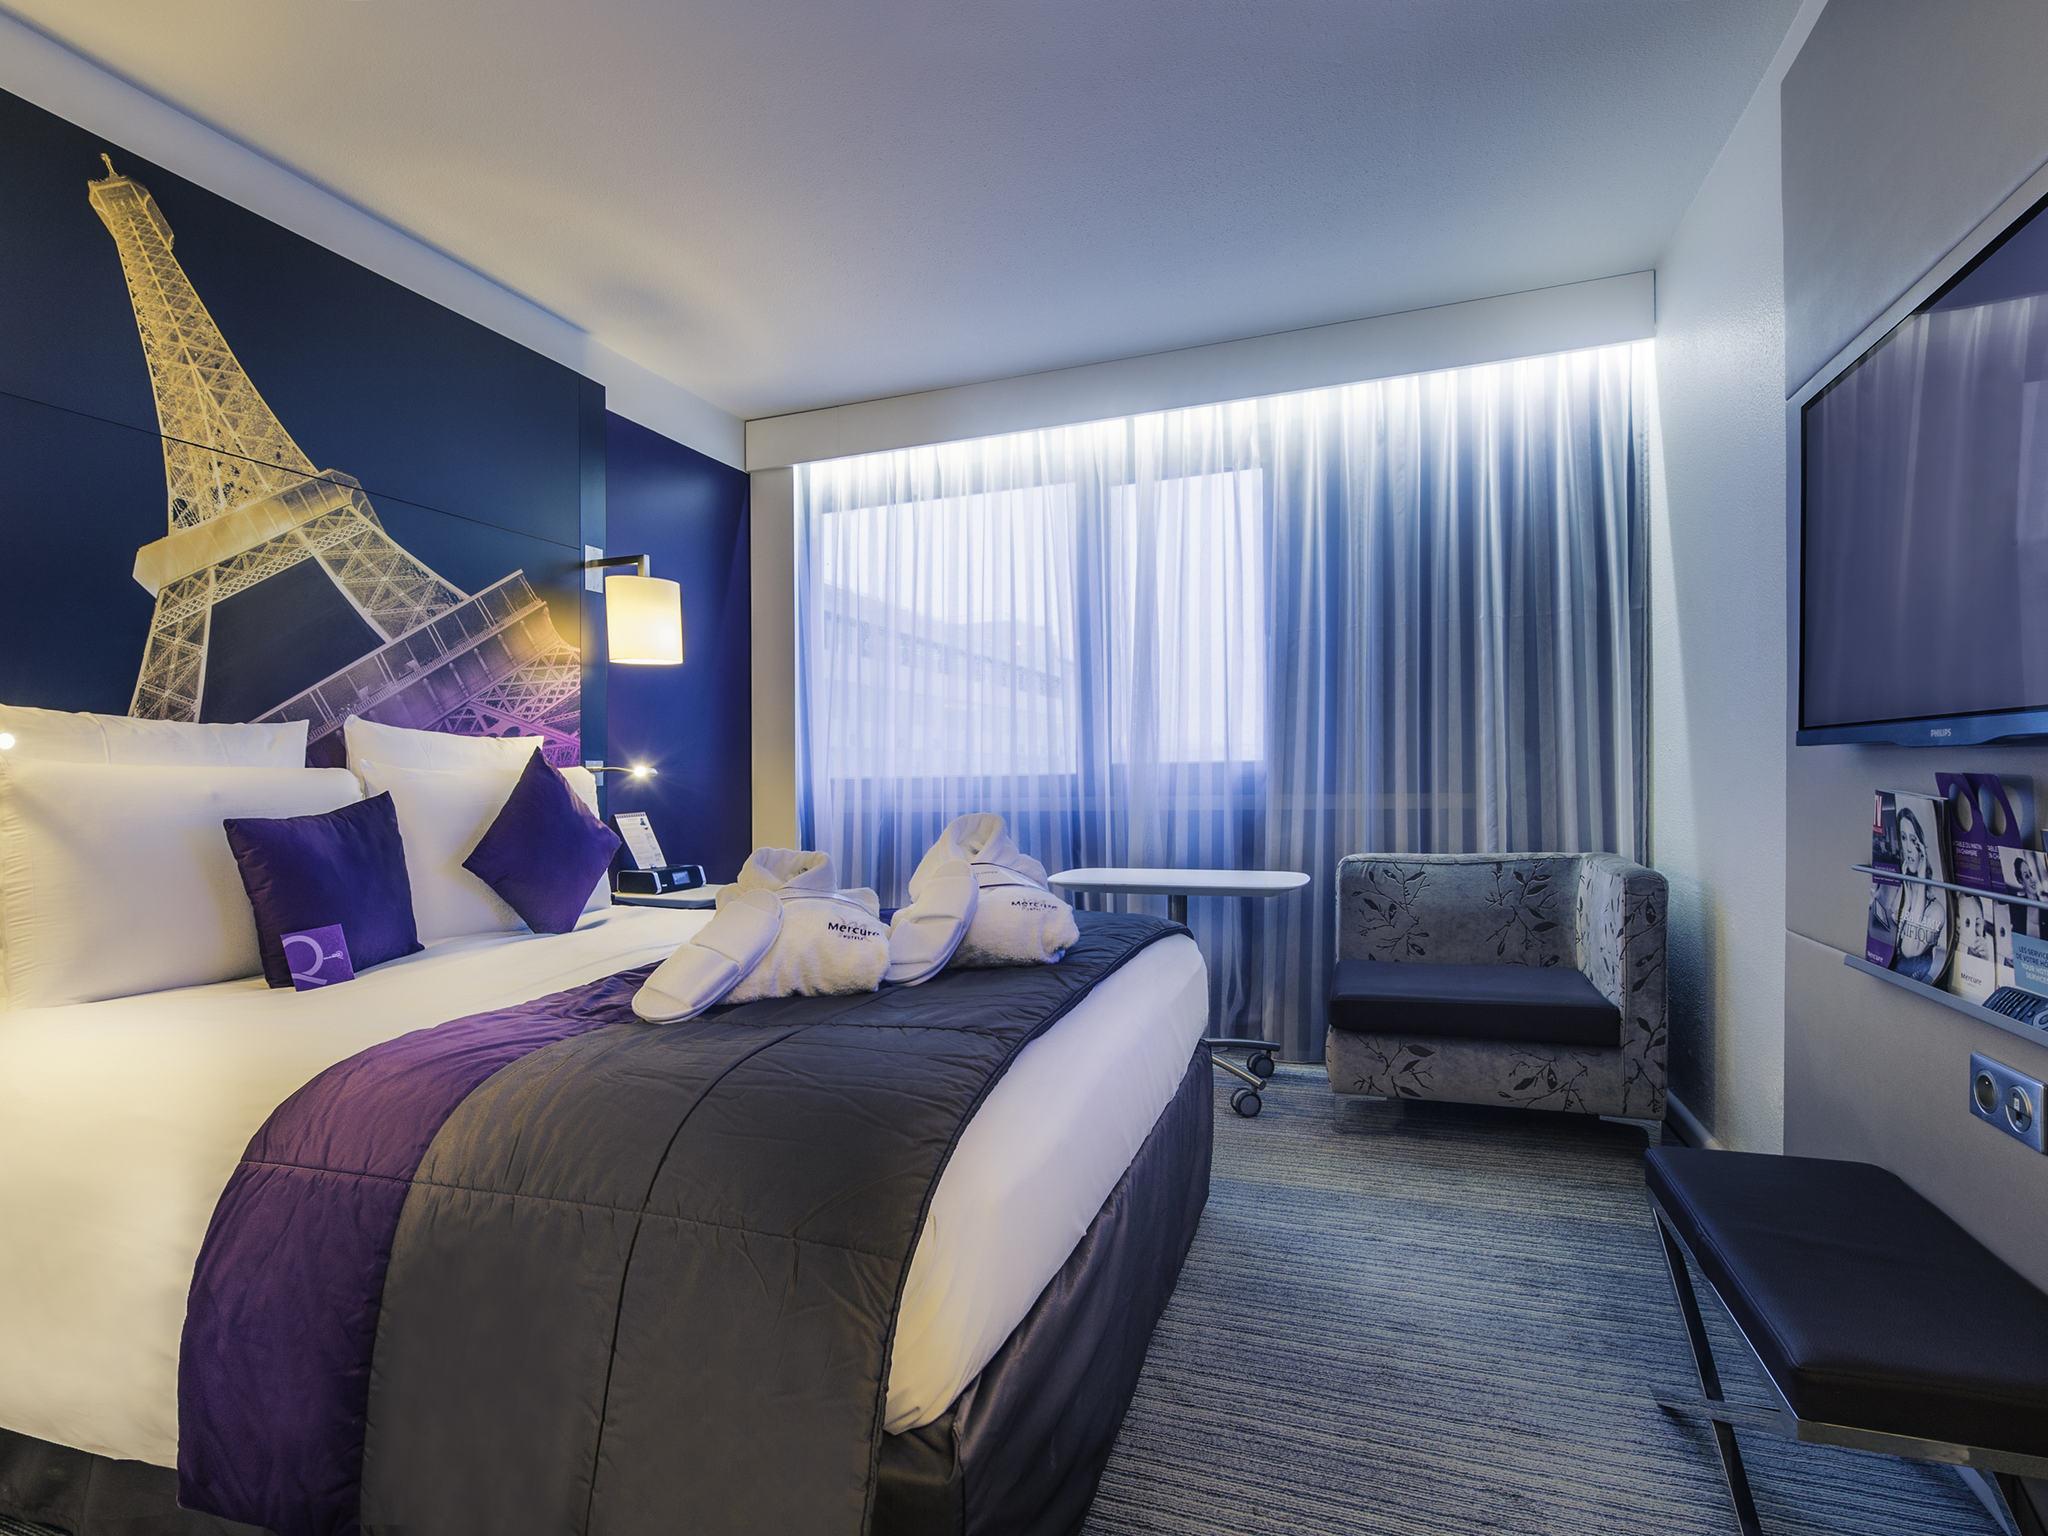 Hotel - Mercure Paris Centre Eiffel Tower Hotel